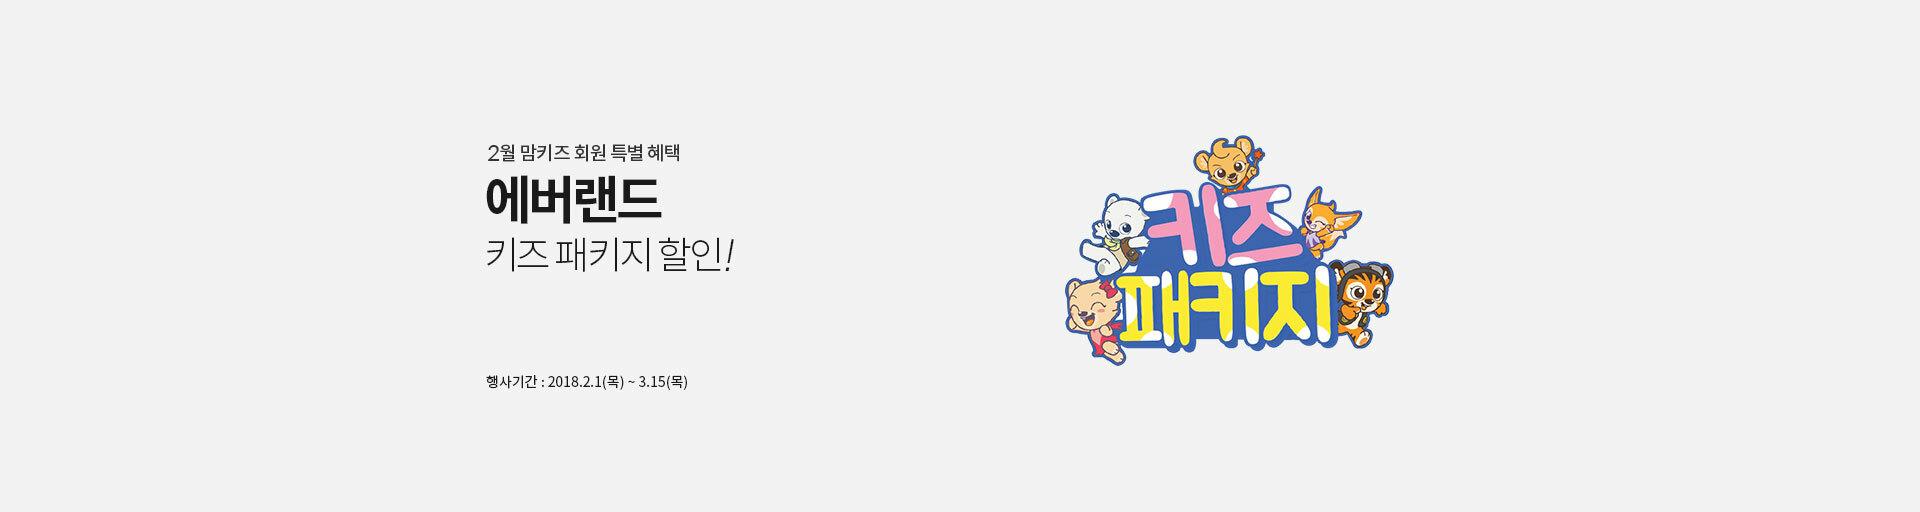 2월 맘키즈 회원 특별 혜택 에버랜드 키즈 패키지 할인!  행사기간 : 2/1(목)~3/15(목)